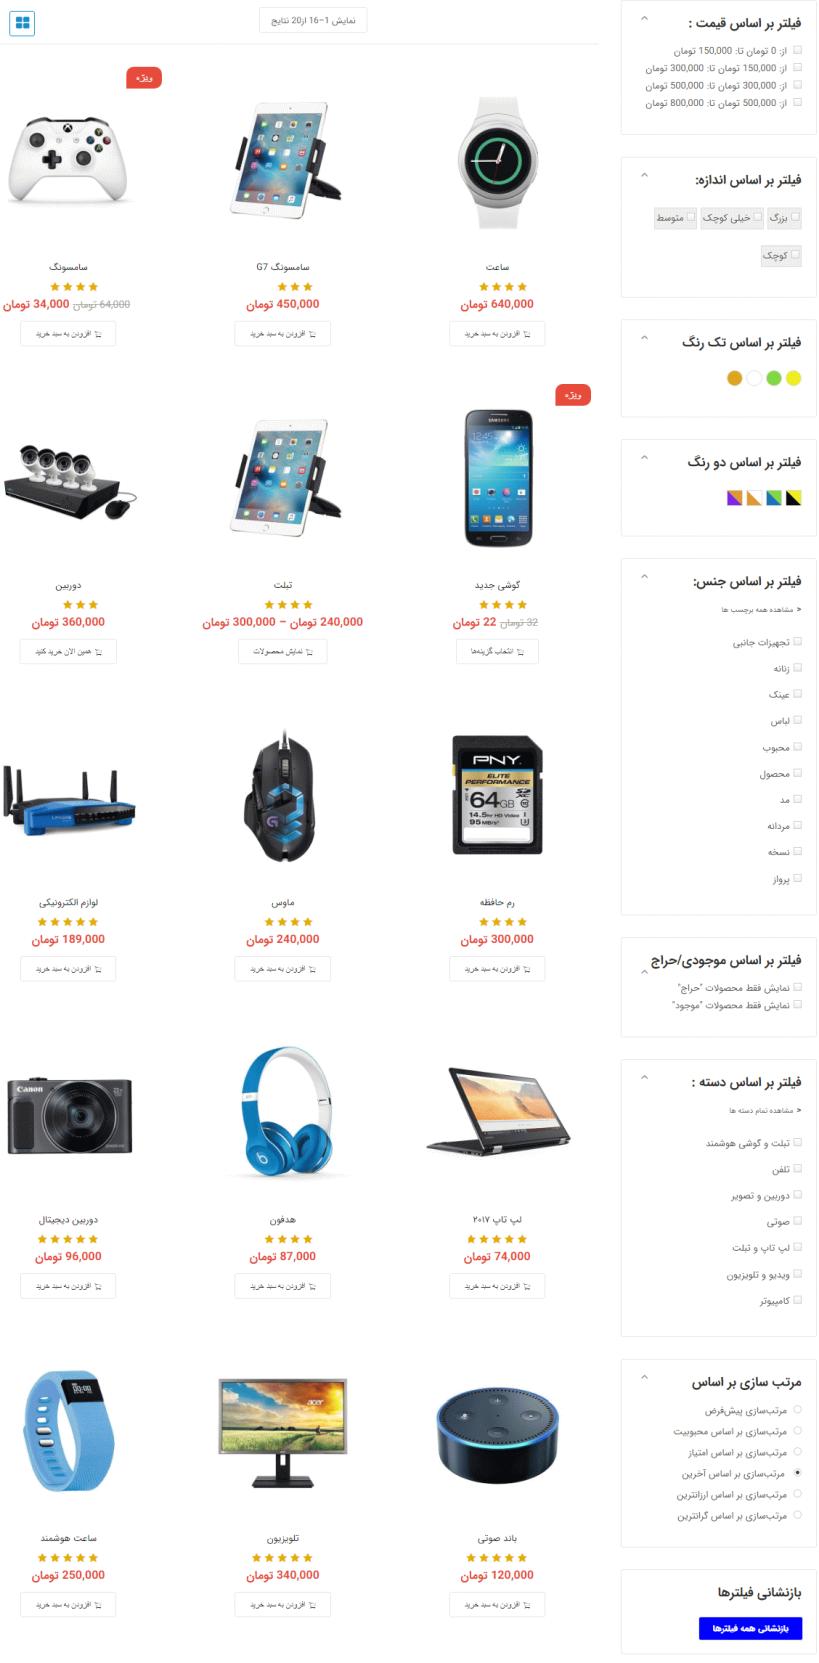 نمونه فیلتر محصولات در صفحه فروشگاه